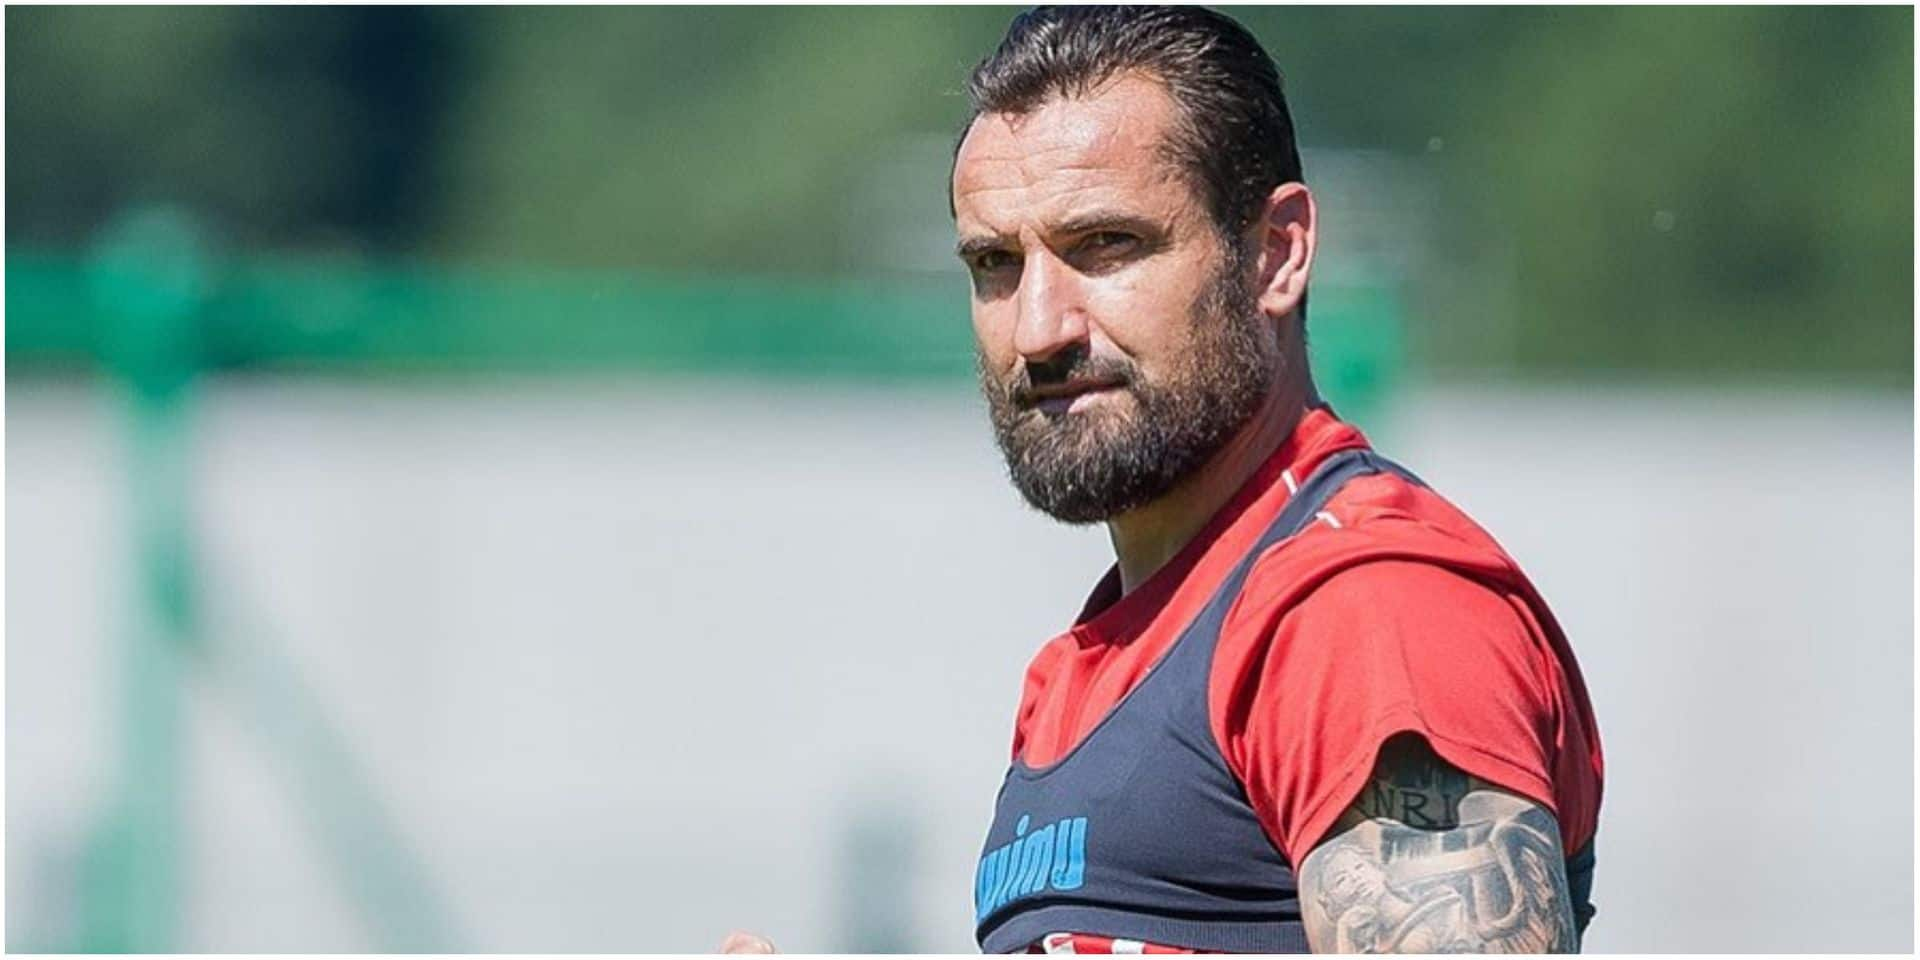 Marcin Wasilewski arrête à 40 ans et 5 mois, restera-t-il dans le foot ?